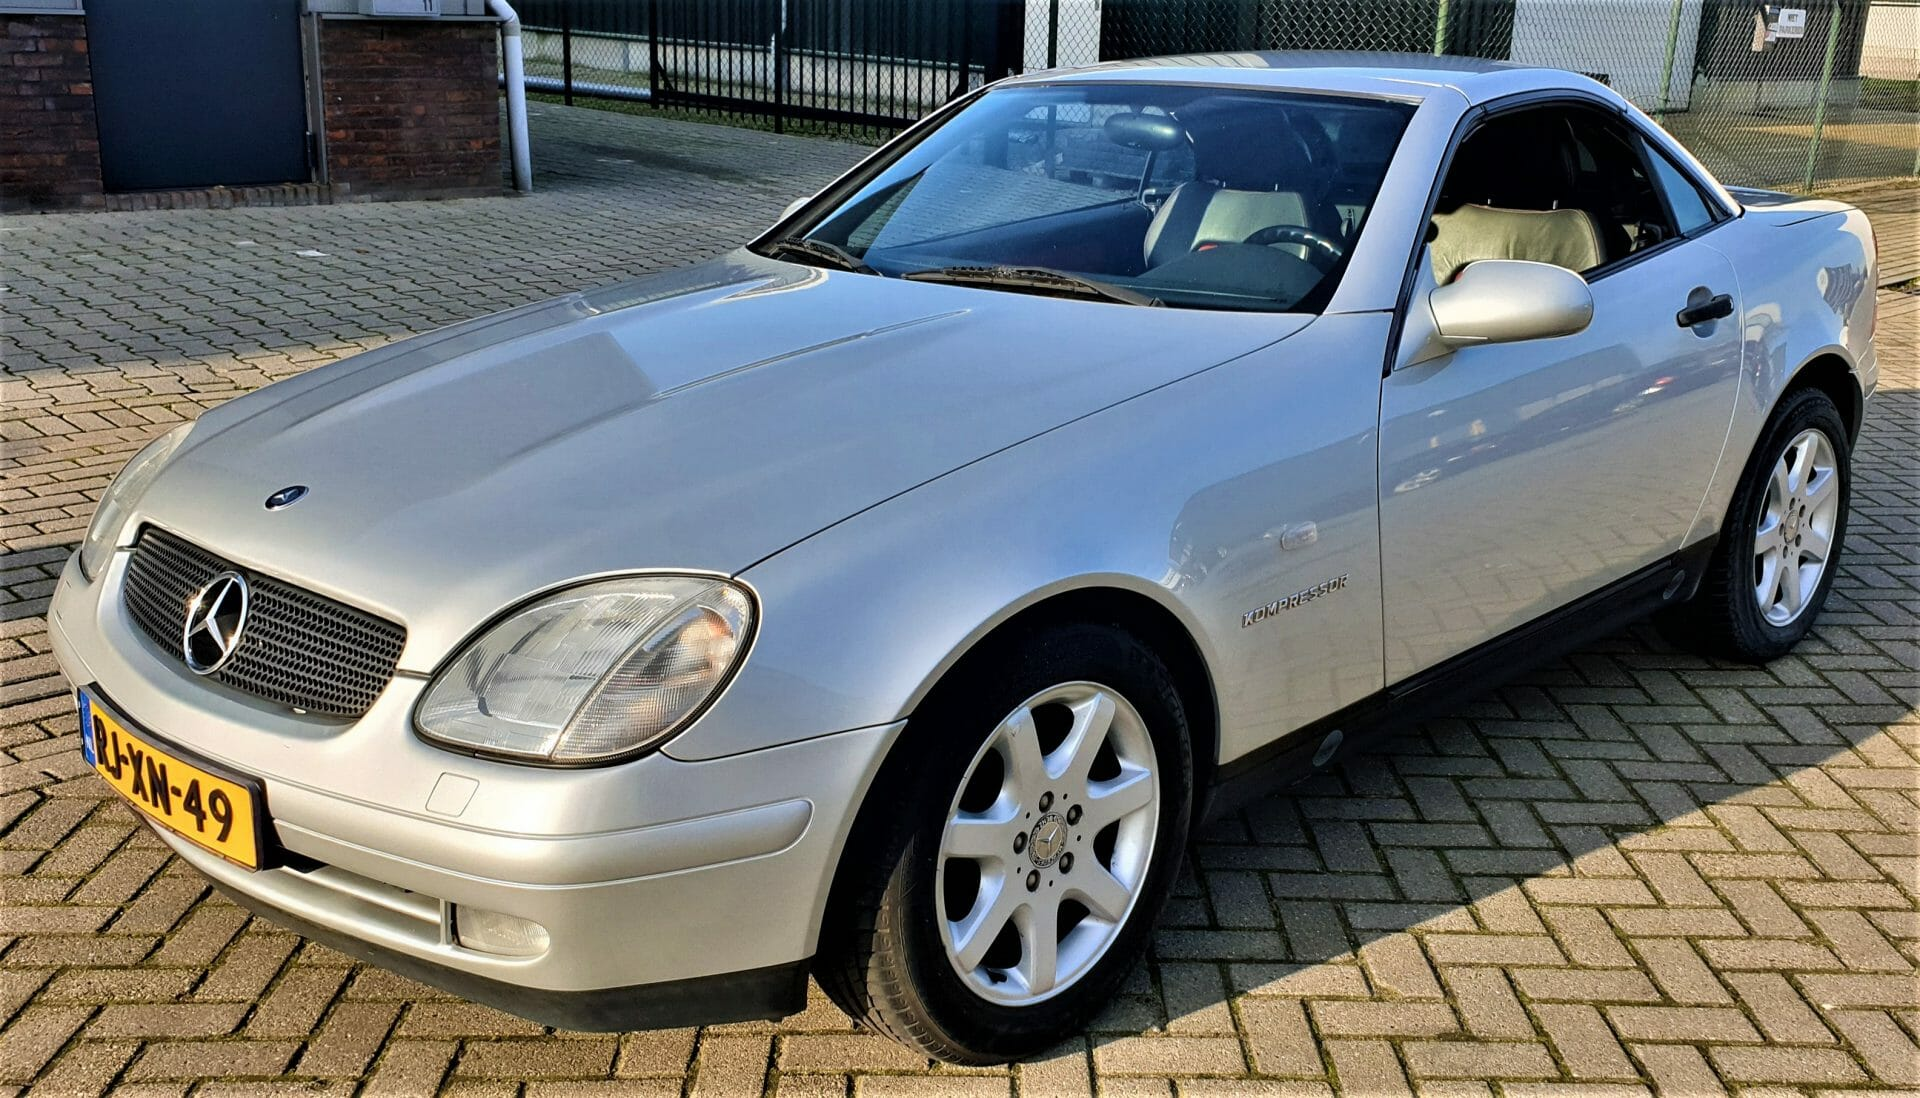 Mercedes SLK 230 Kompressor 1997 161896 KM NAP